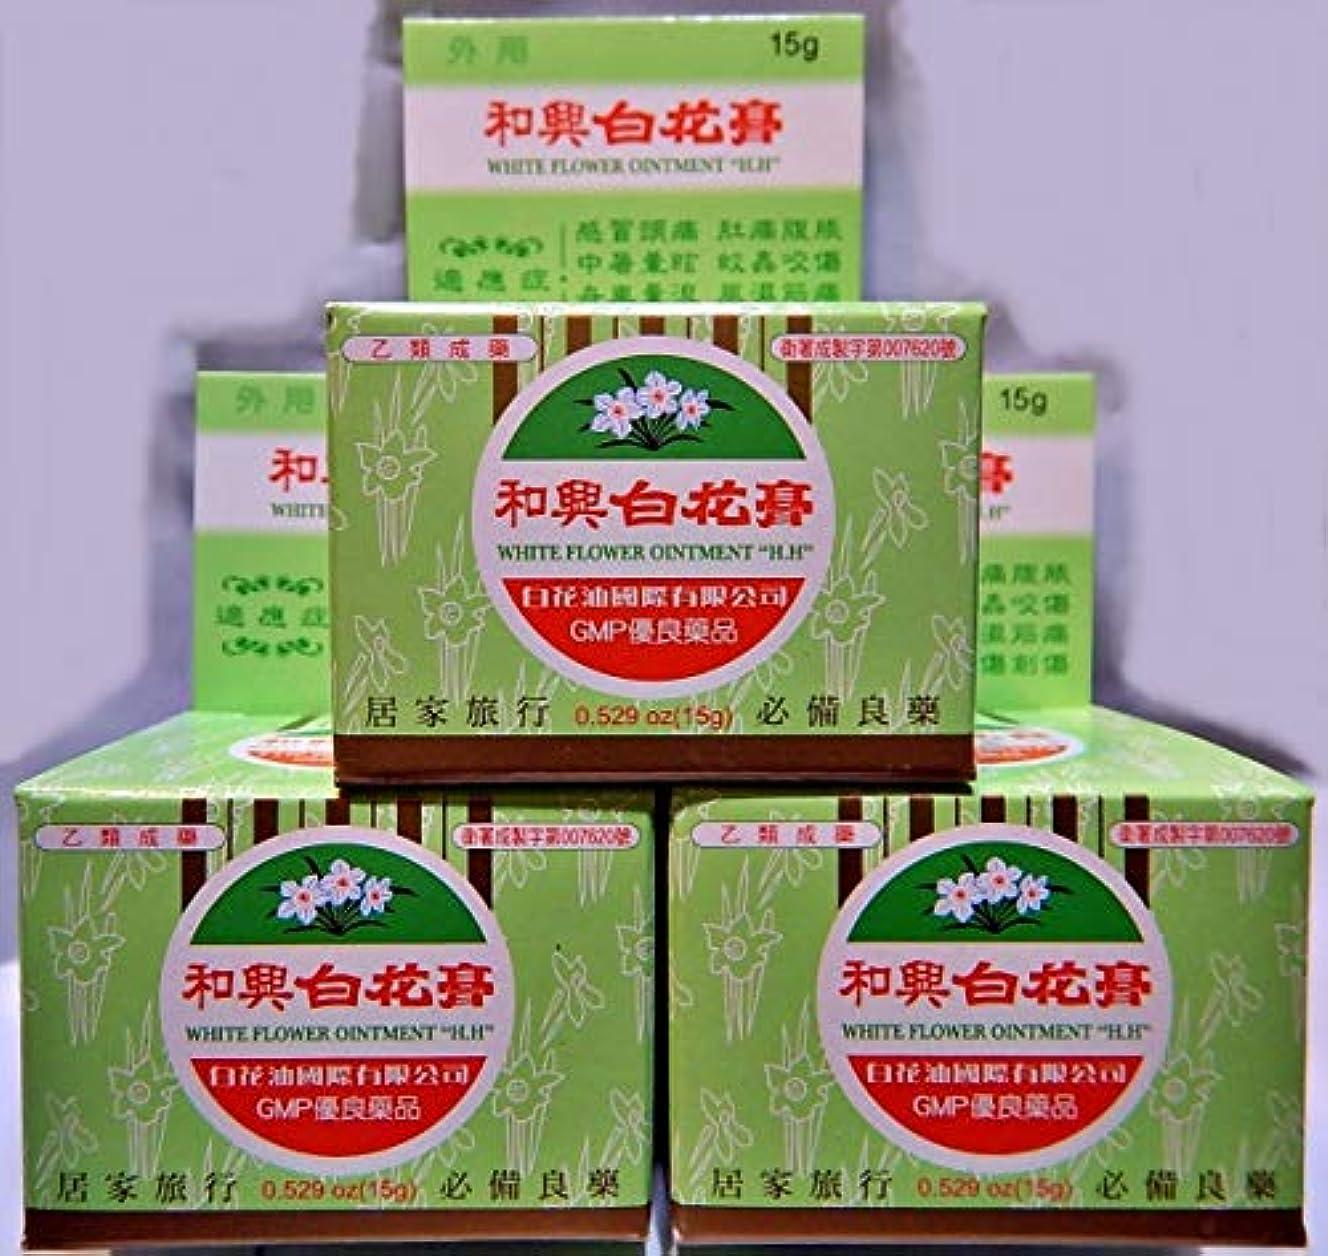 ガラガラ騒乱粘着性《和興》白花膏 15g(白花油軟膏タイプ)× 3個《台湾 お土産》 [並行輸入品]